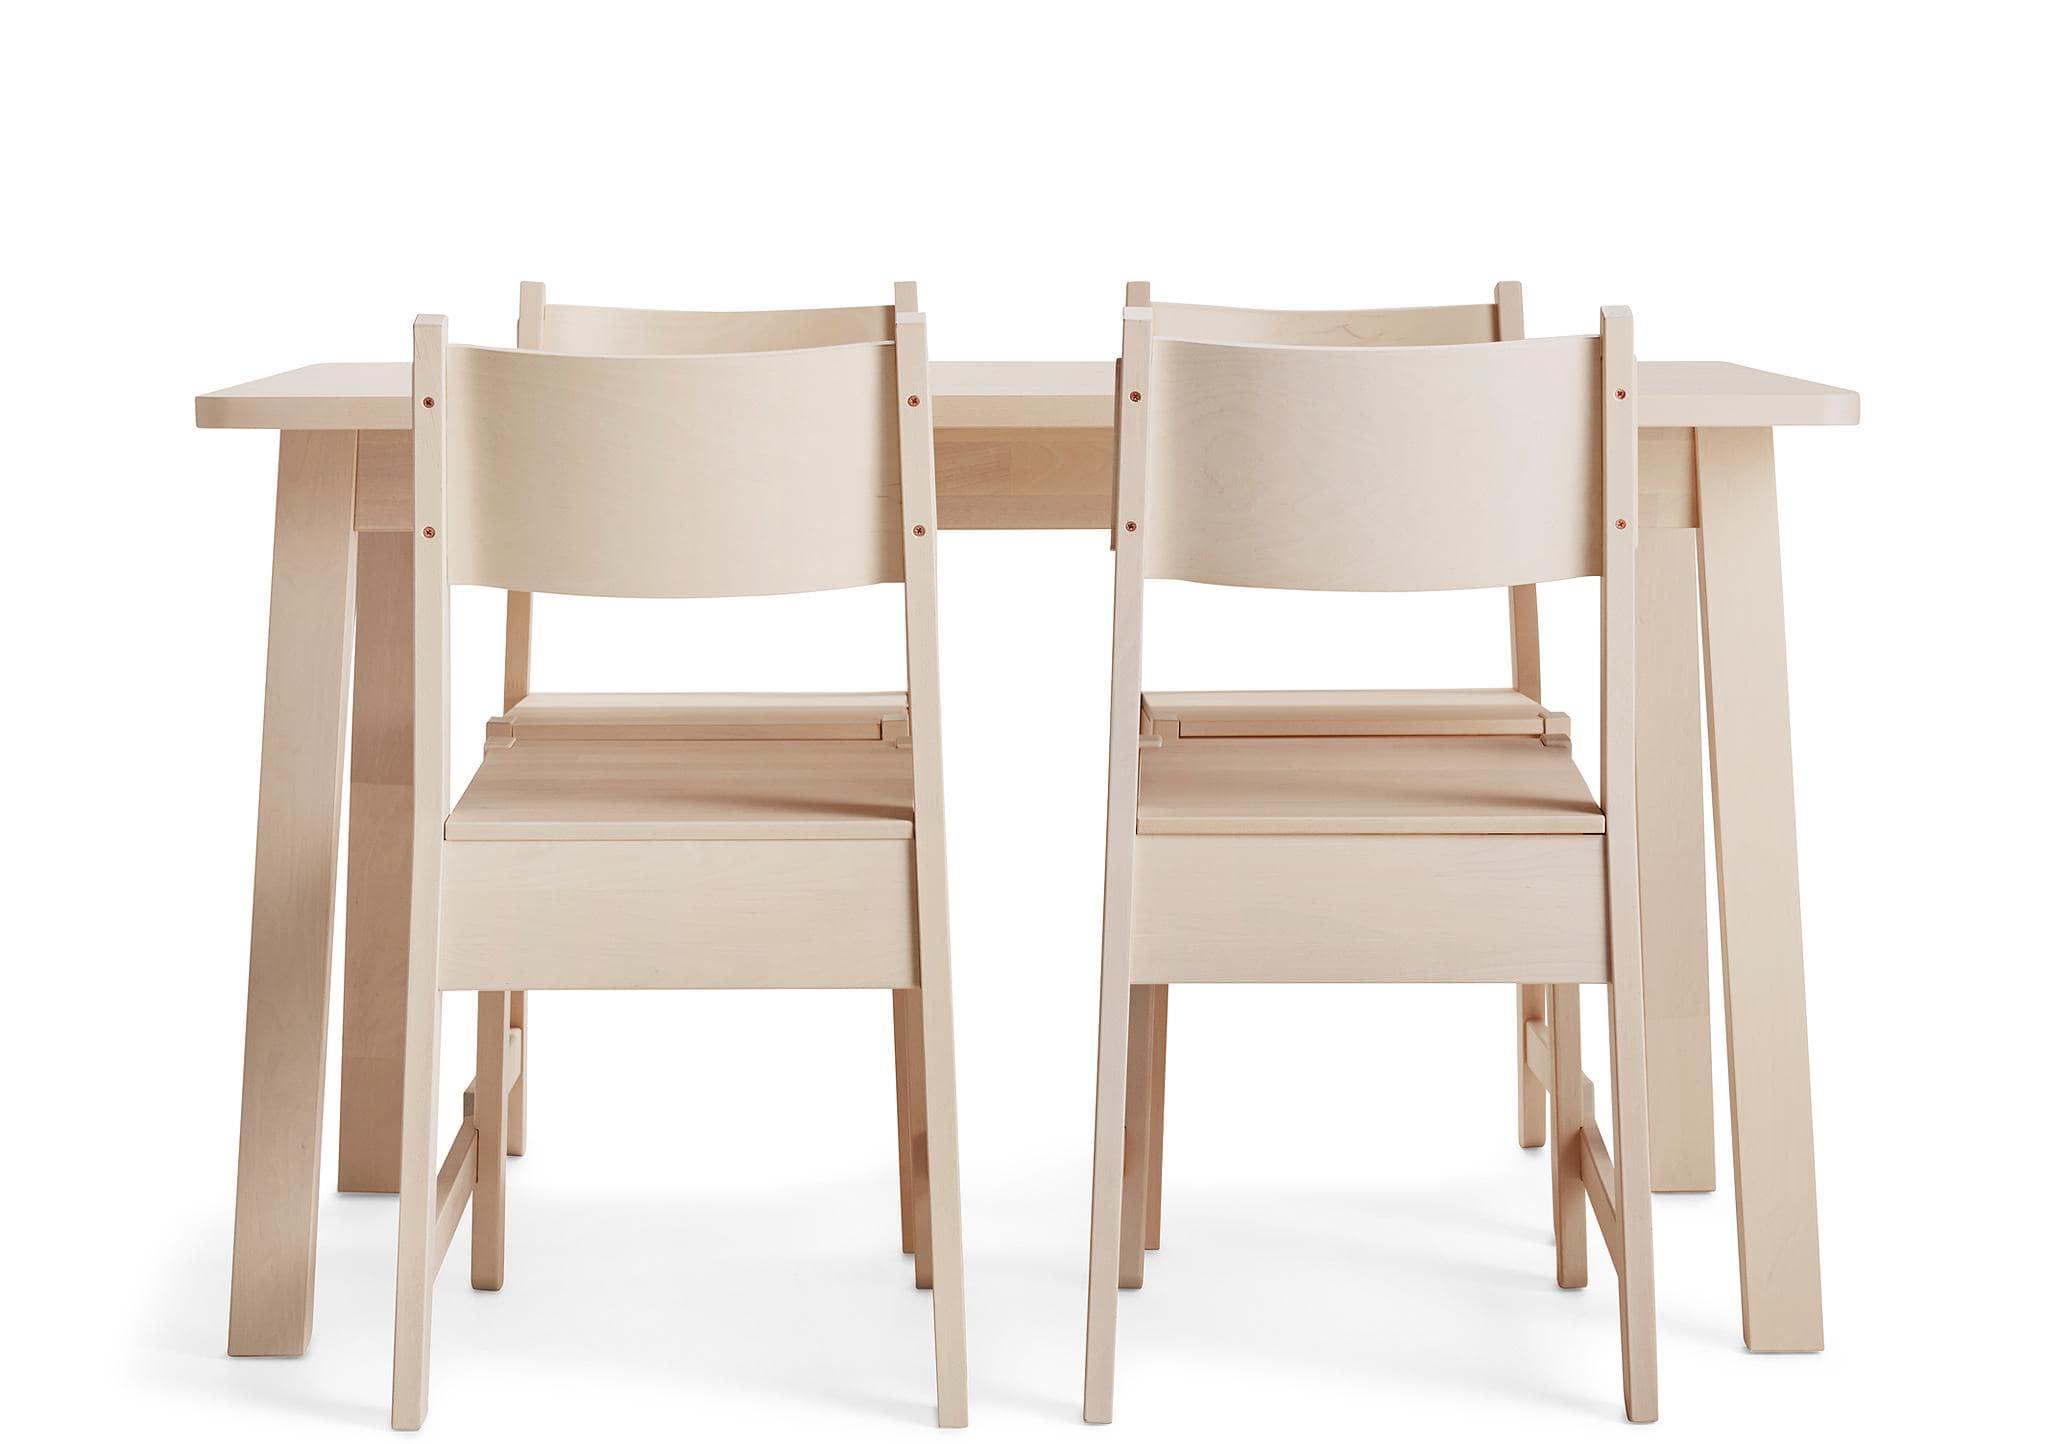 Mesas Y Sillas De Comedor Ikea Etdg Conjuntos De Edor Mesas Y Sillas Pra Online Ikea